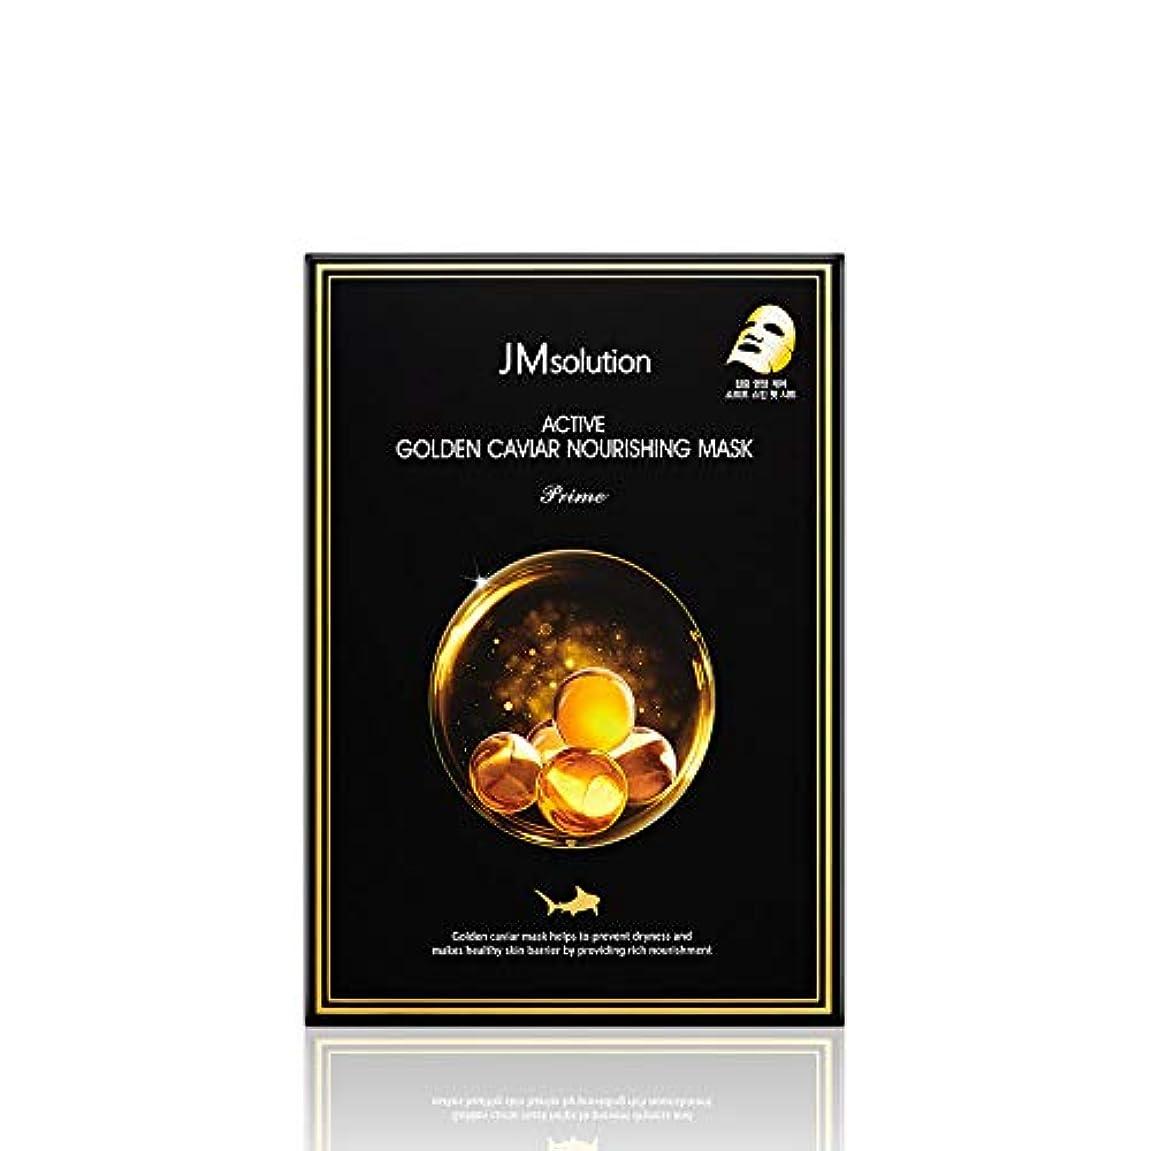 テストポーク請願者JMソリューション(JM Solution) 乾燥肌のためのアクティブゴールデンキャビア栄養マスクプライム 30mlx10P / Active Golden Caviar Nourishing Mask Prime For...